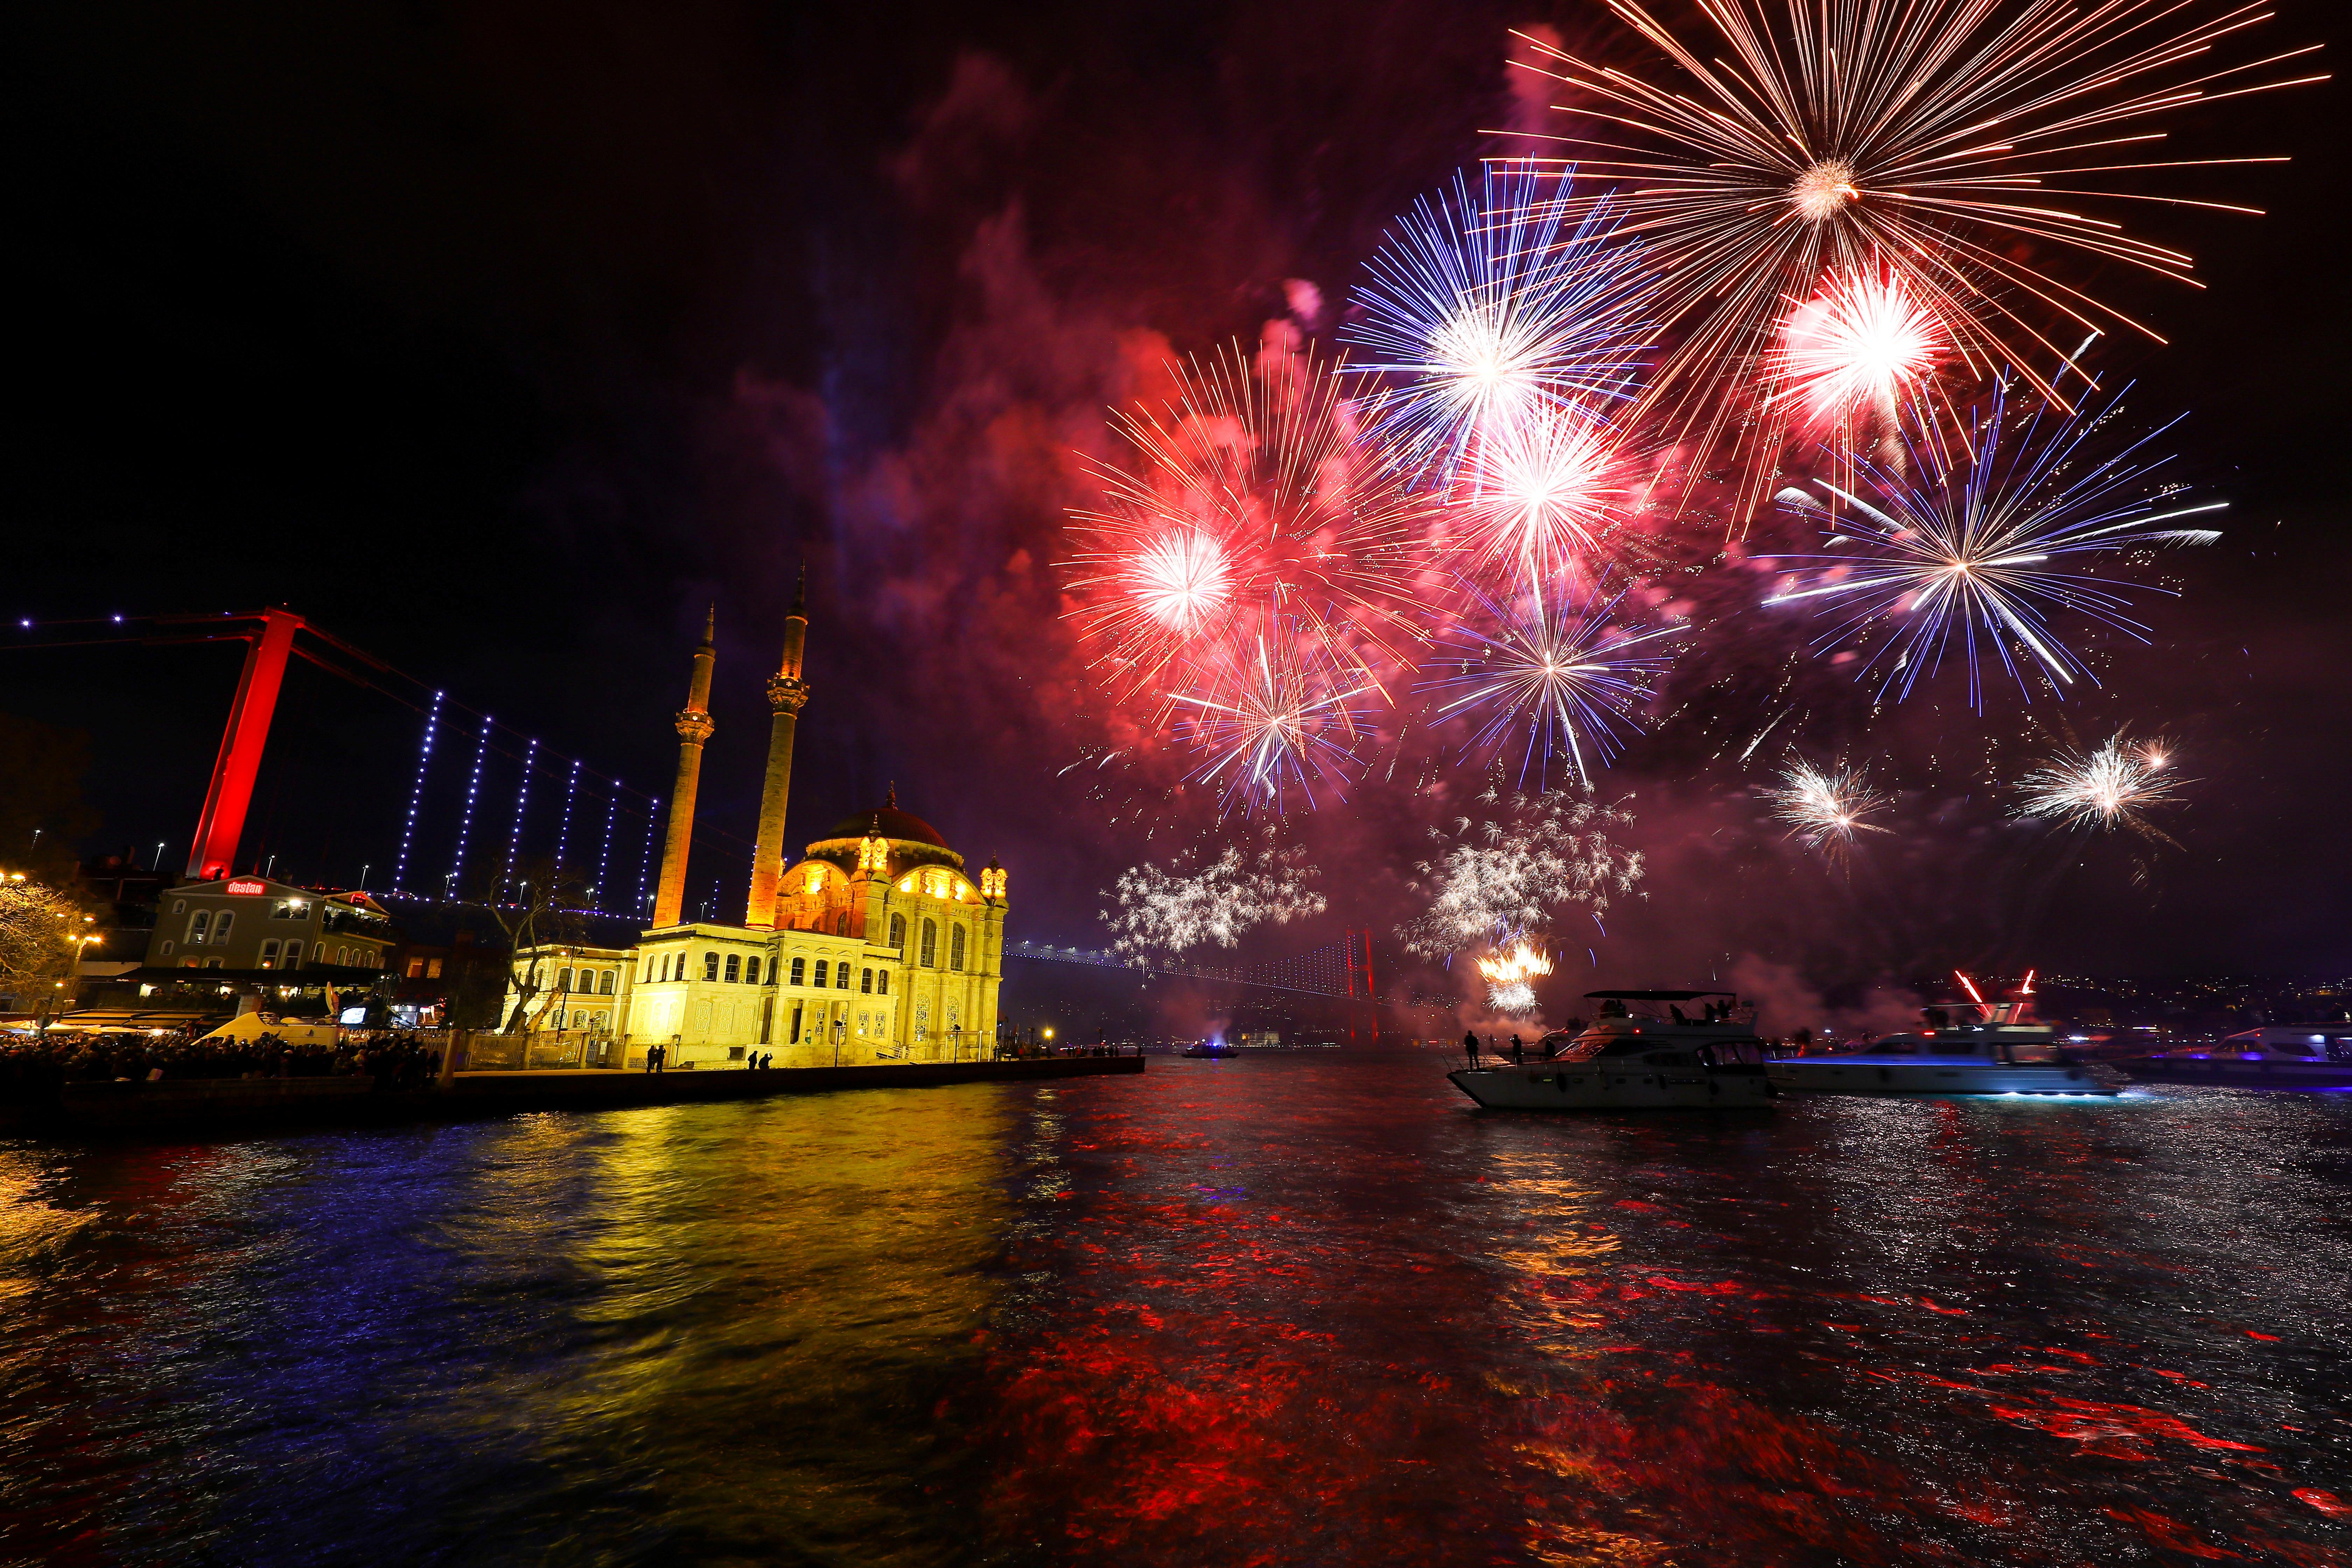 Festejos en El Bósforo, el estrecho de Estambul, Turquía, el 1 de enero de 2020 (REUTERS/Huseyin Aldemir)